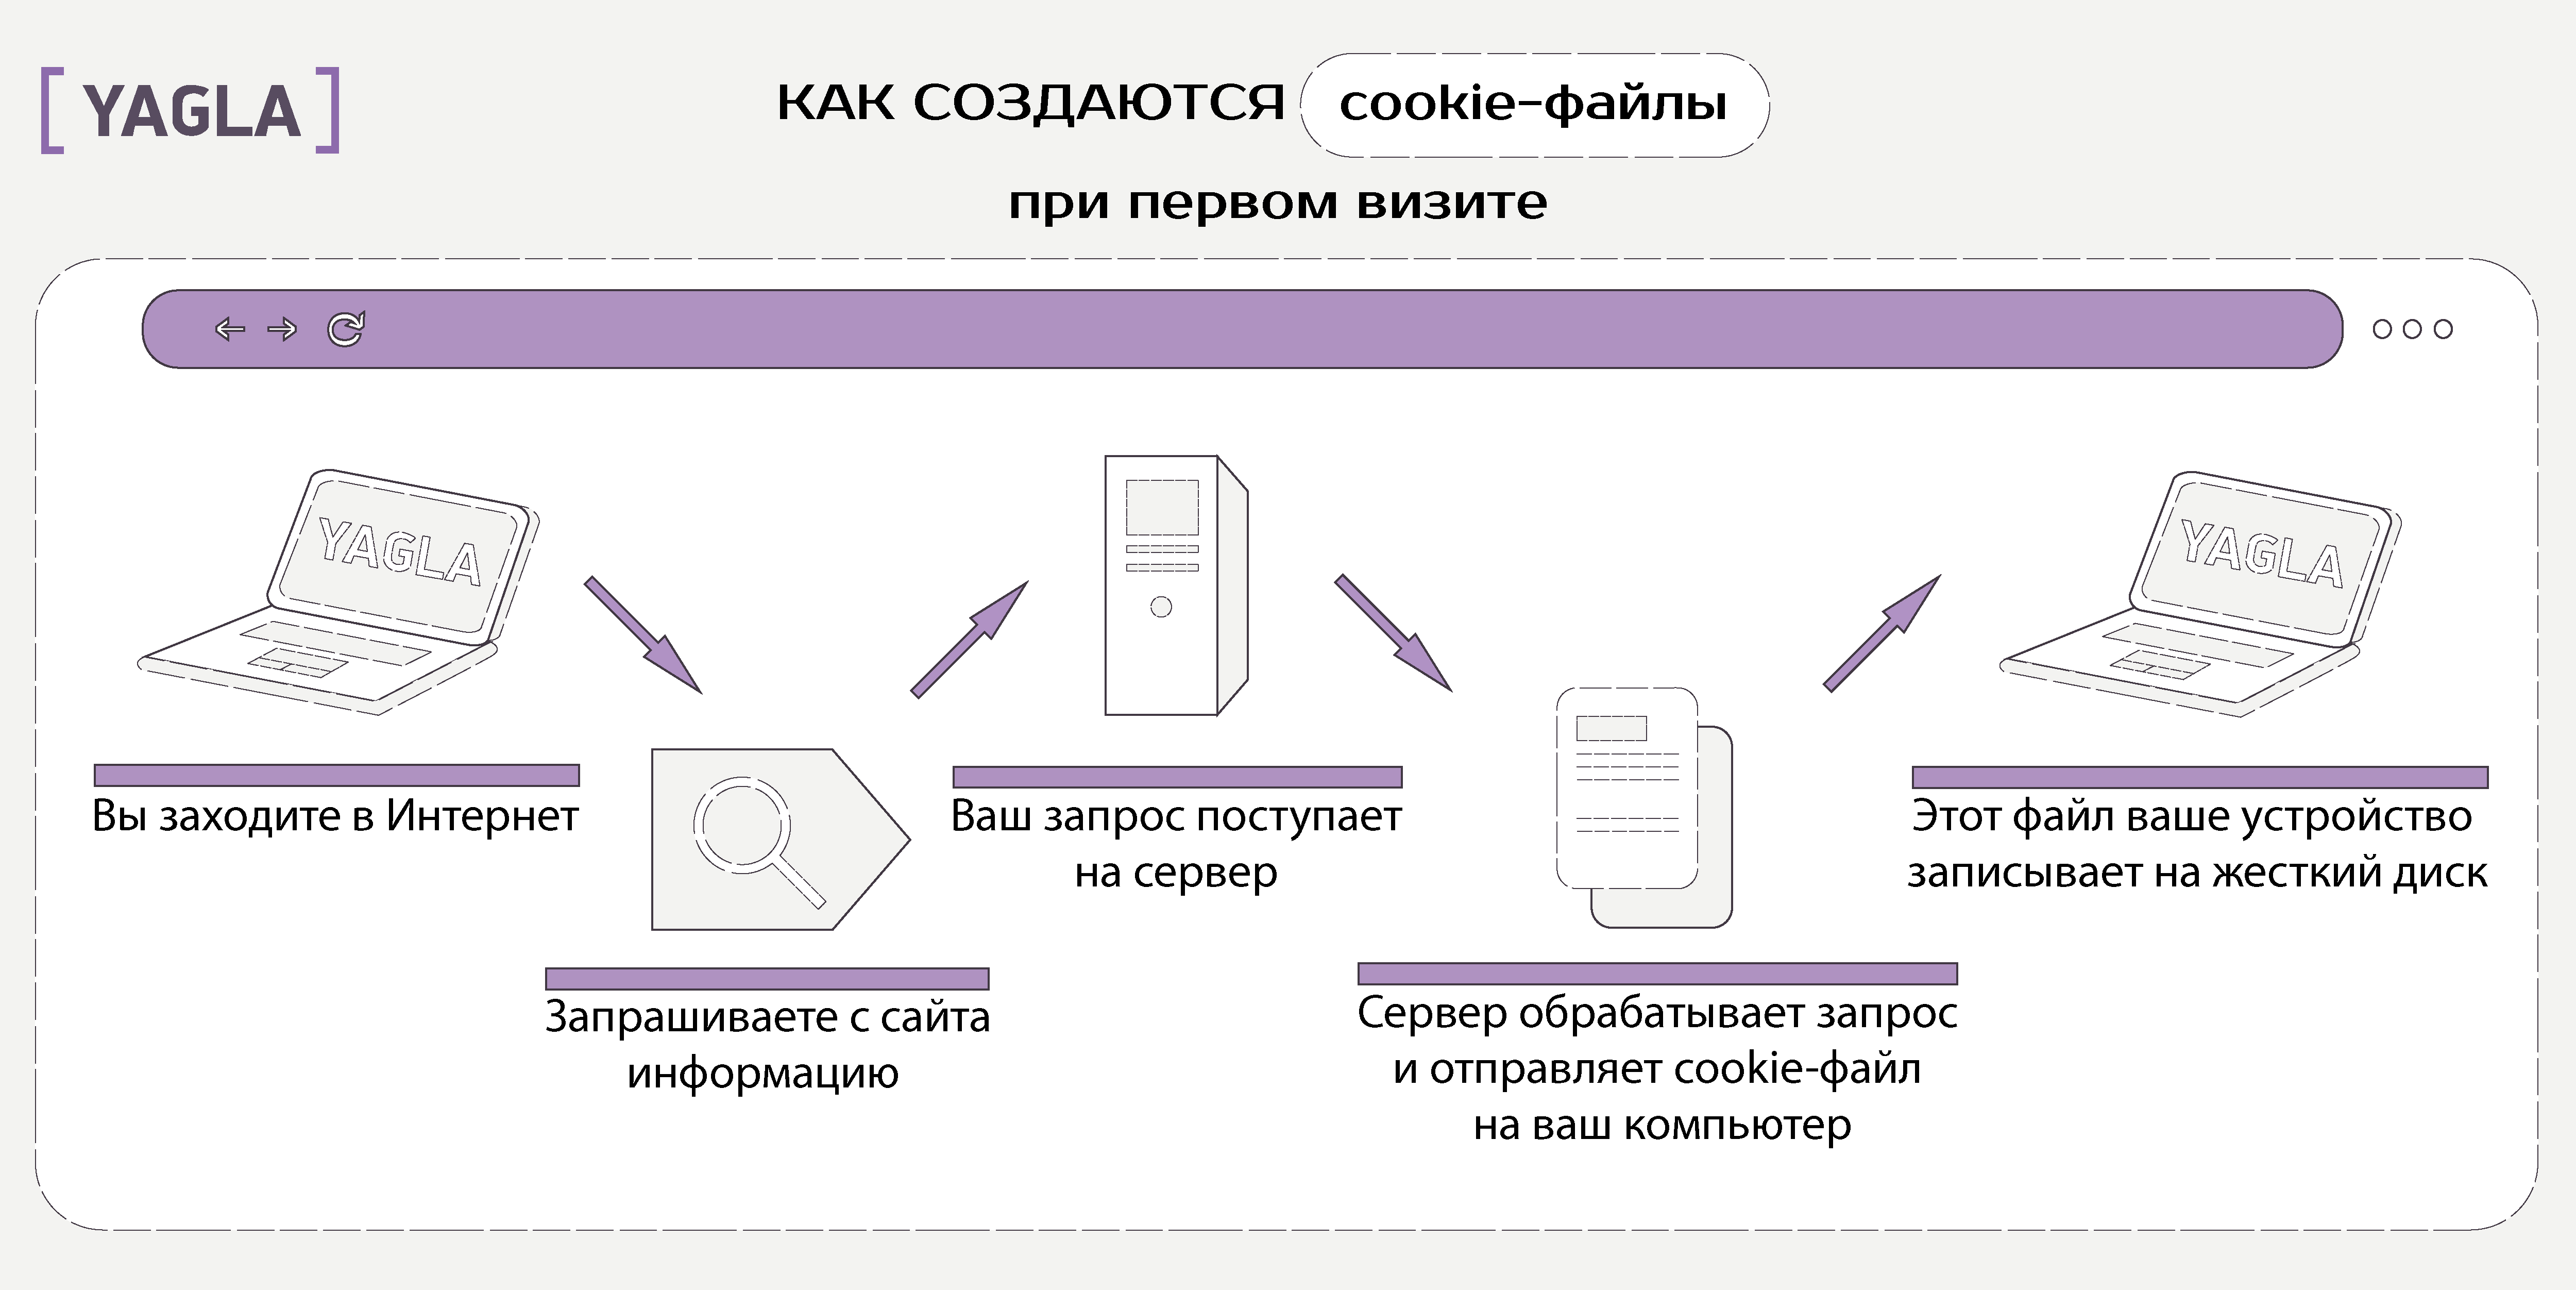 Сервер записывает cookie в память устройства